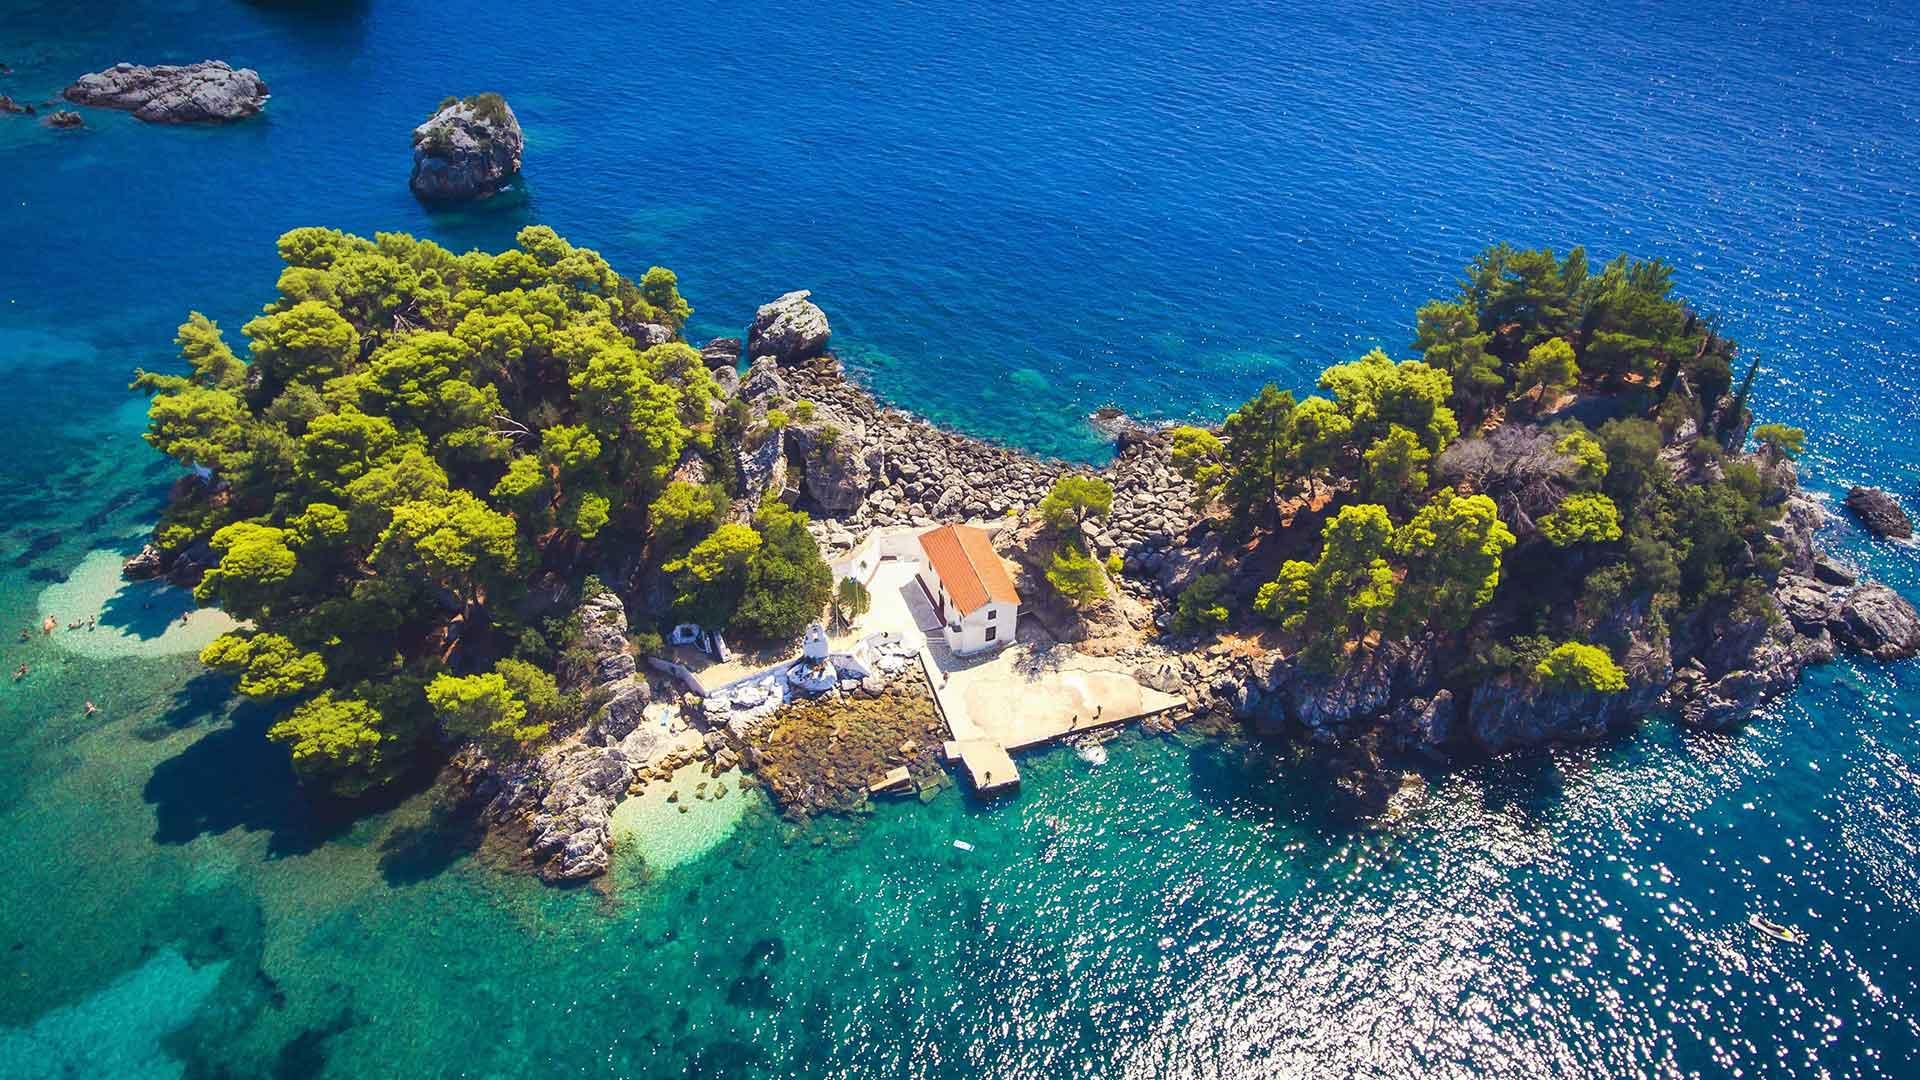 Panagia's Island